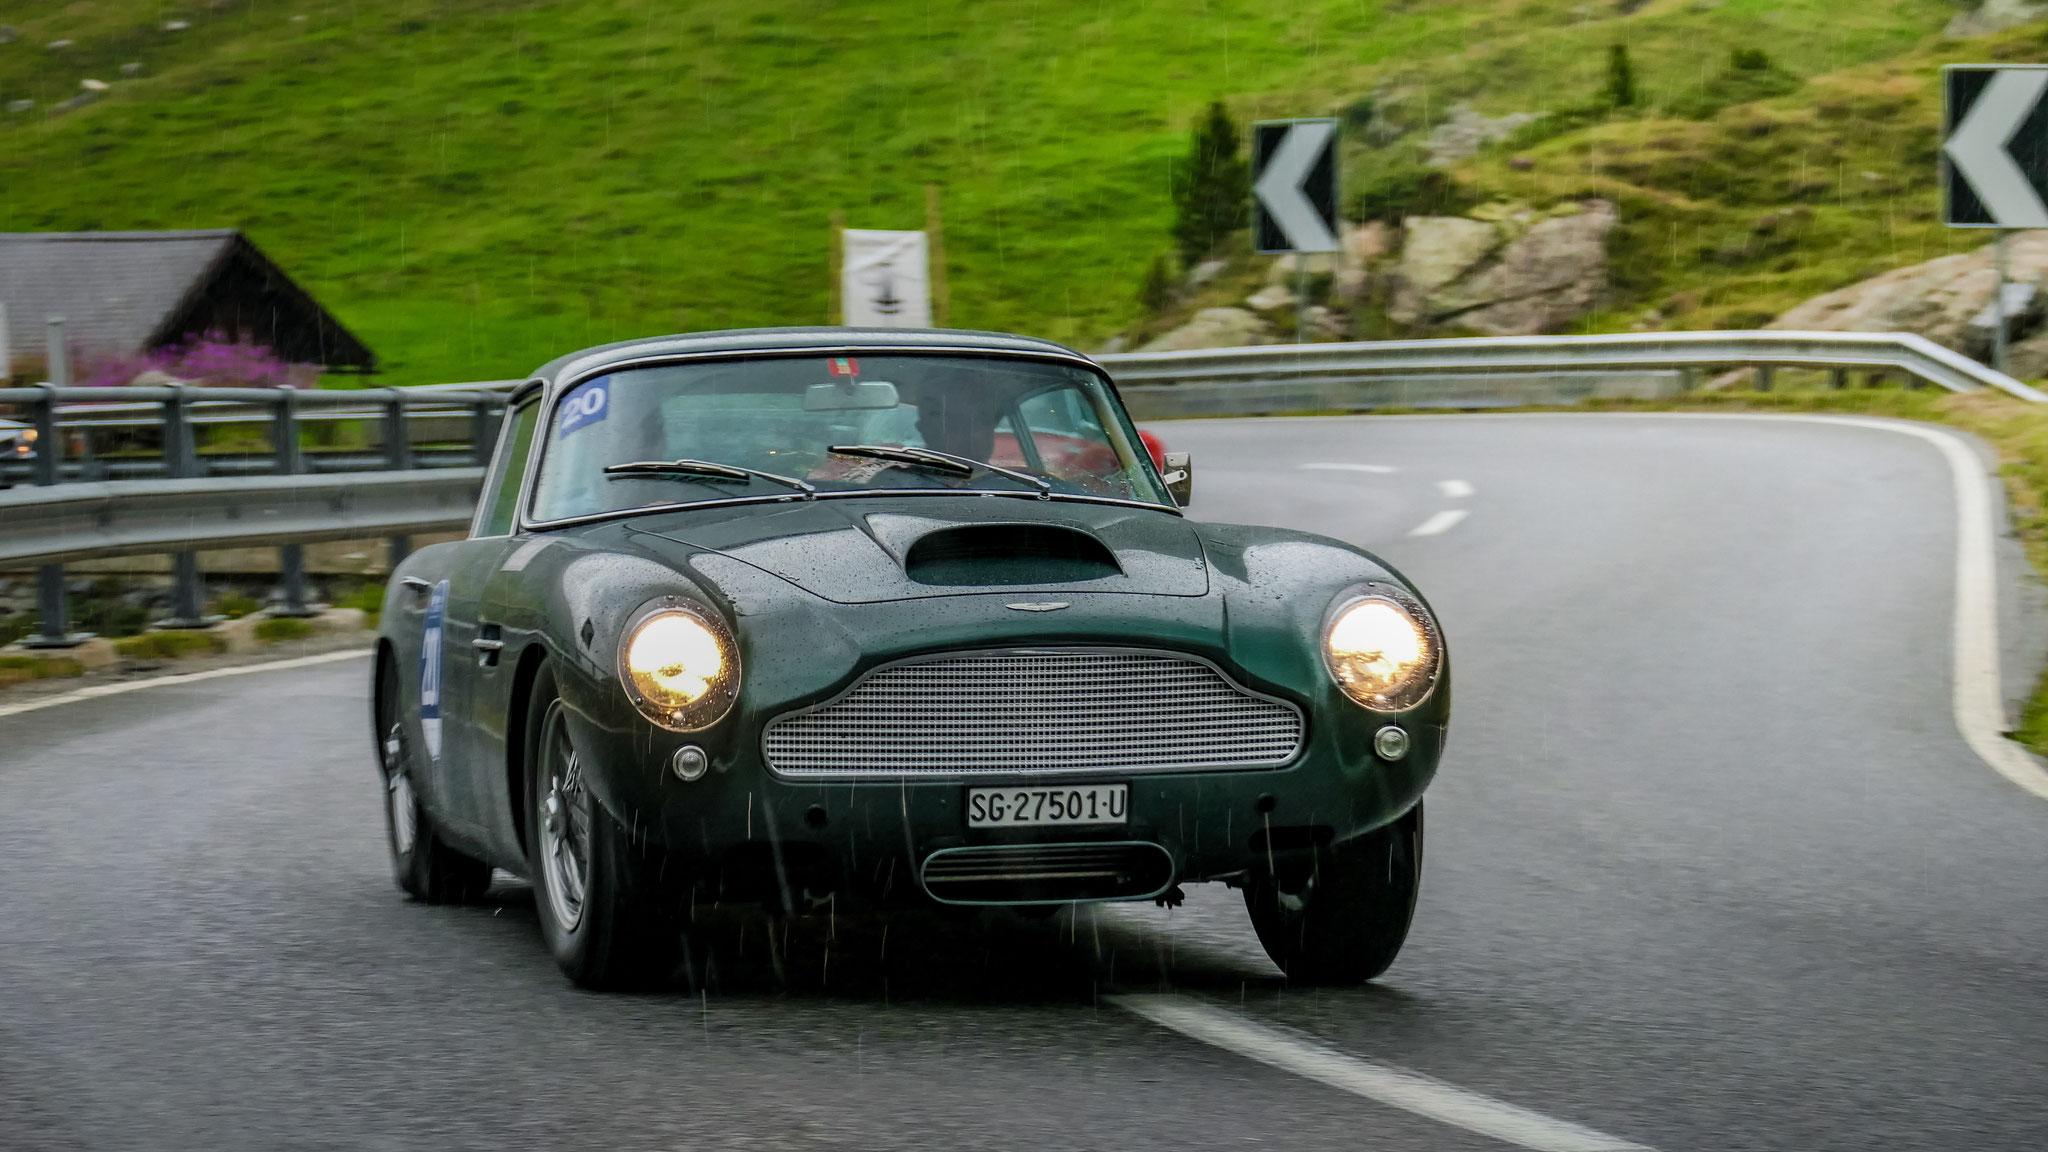 Aston Martin DB4 GT - SG-27501-U (CH)